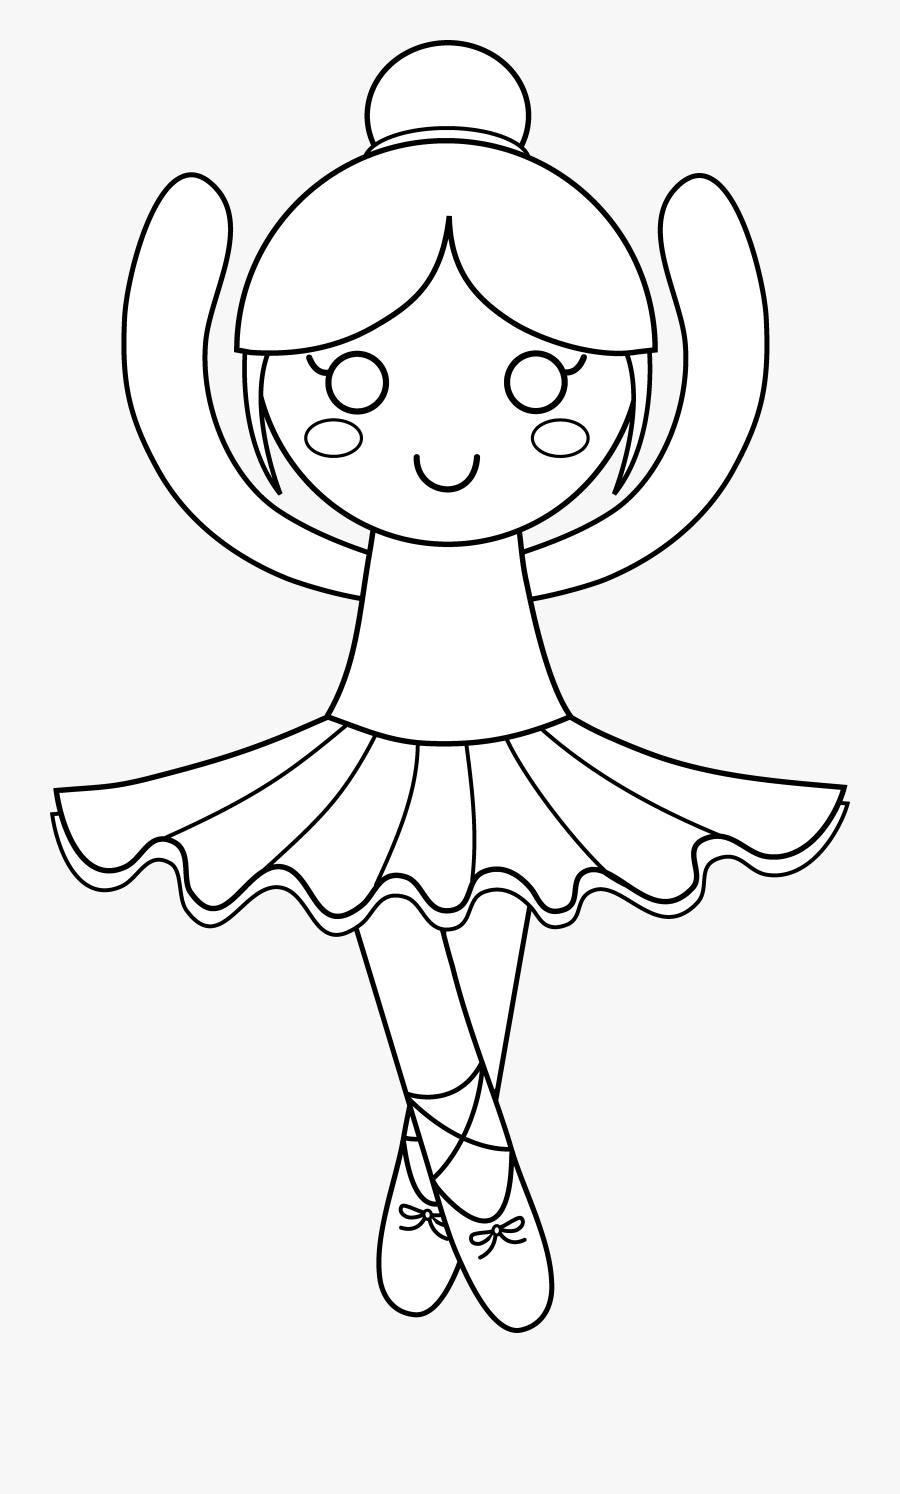 Transparent Ballet Shoes Clip Art - Clipart Black And White Ballerinas, Transparent Clipart